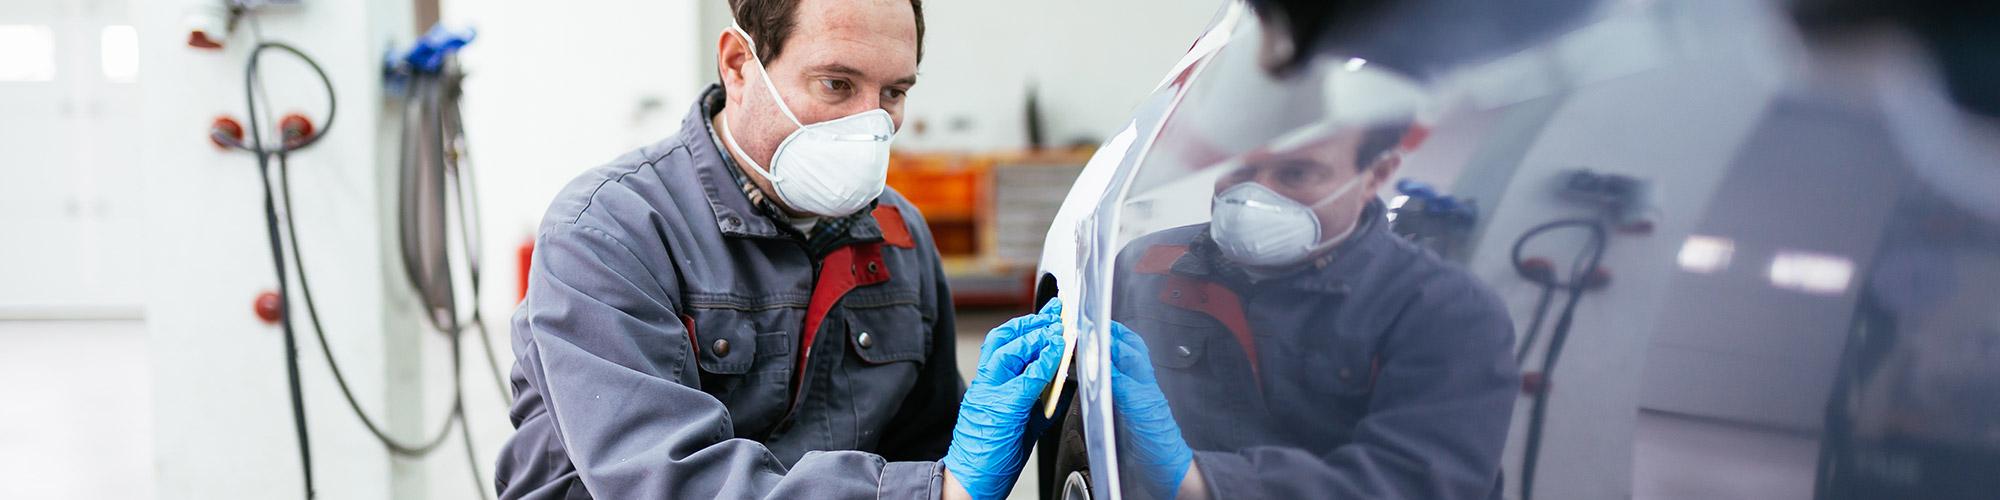 Réparation carrosserie peinture à La Chapelle Urée